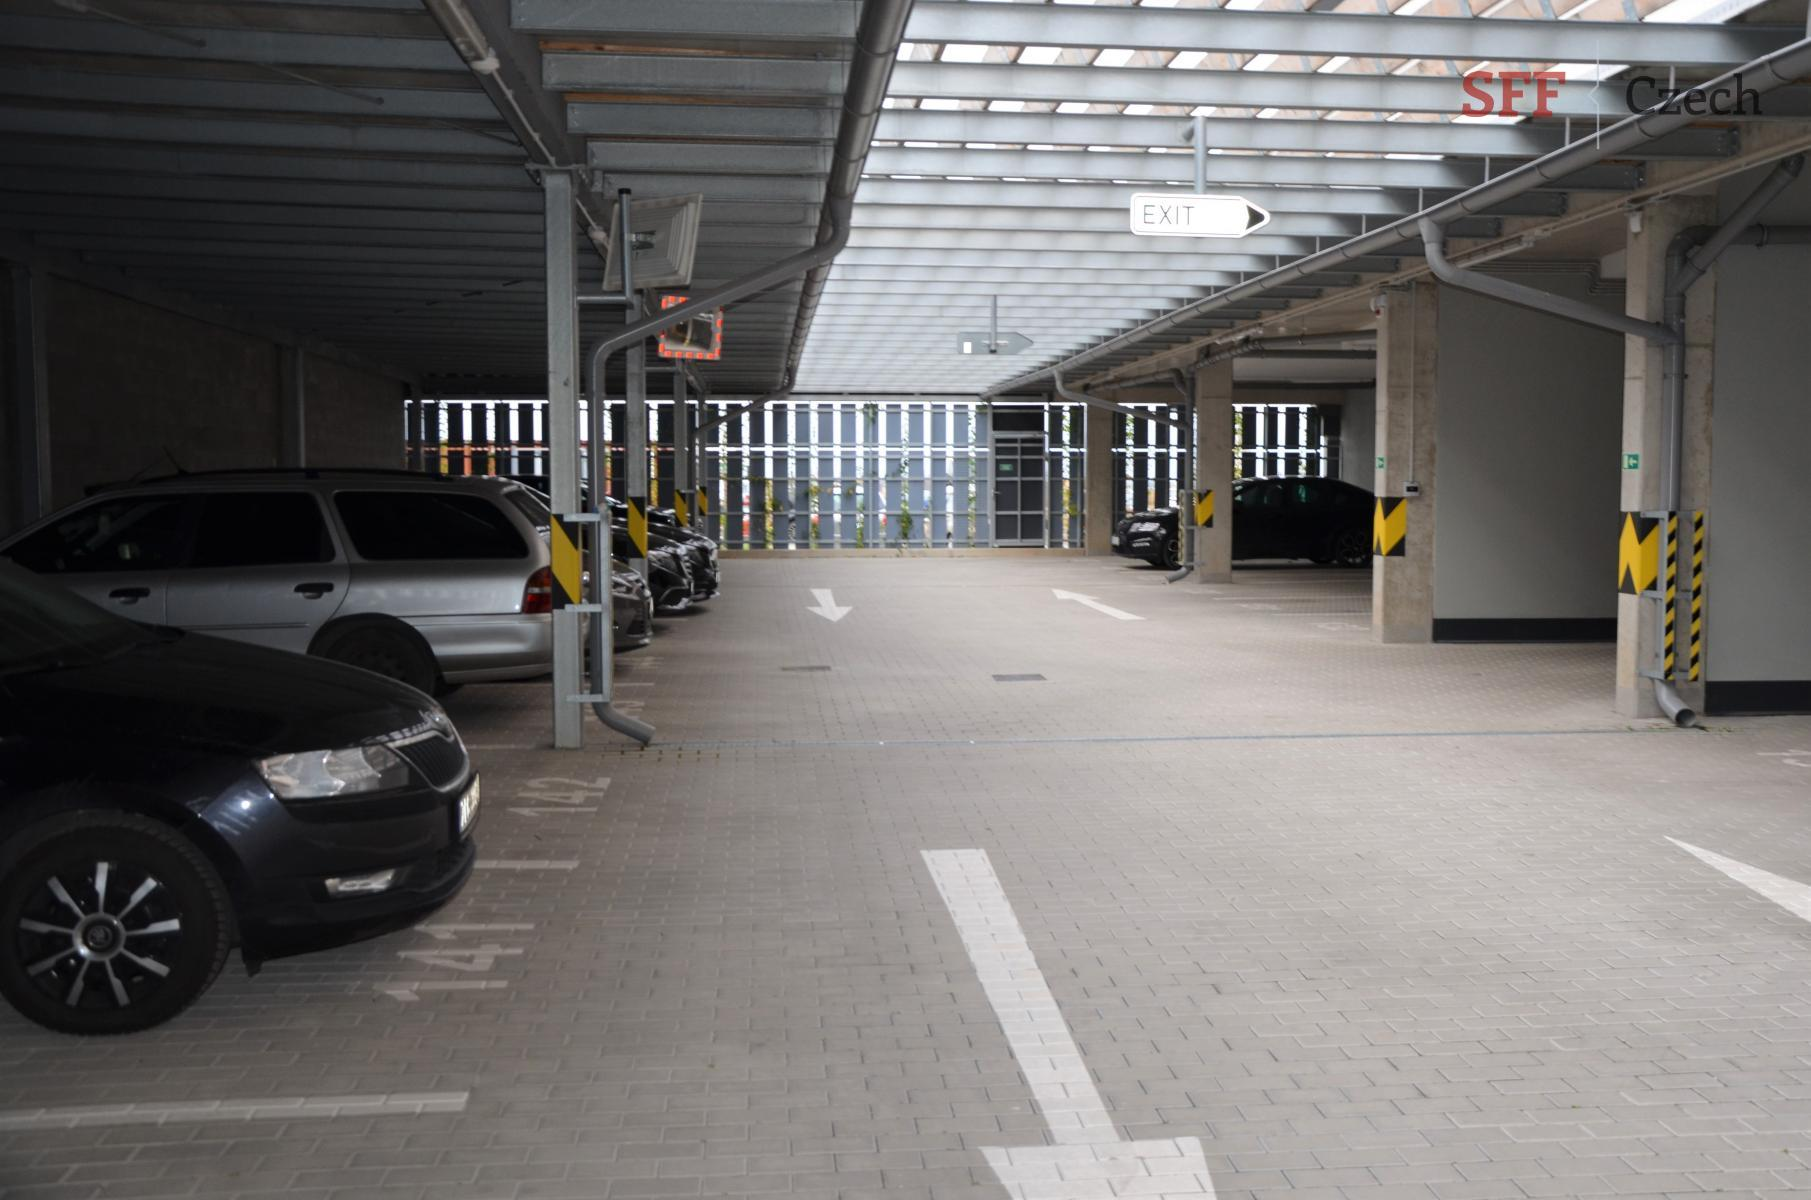 Pronájem garážového stání na Praze 10 Dolní Měcholupy Honzíkova ulice